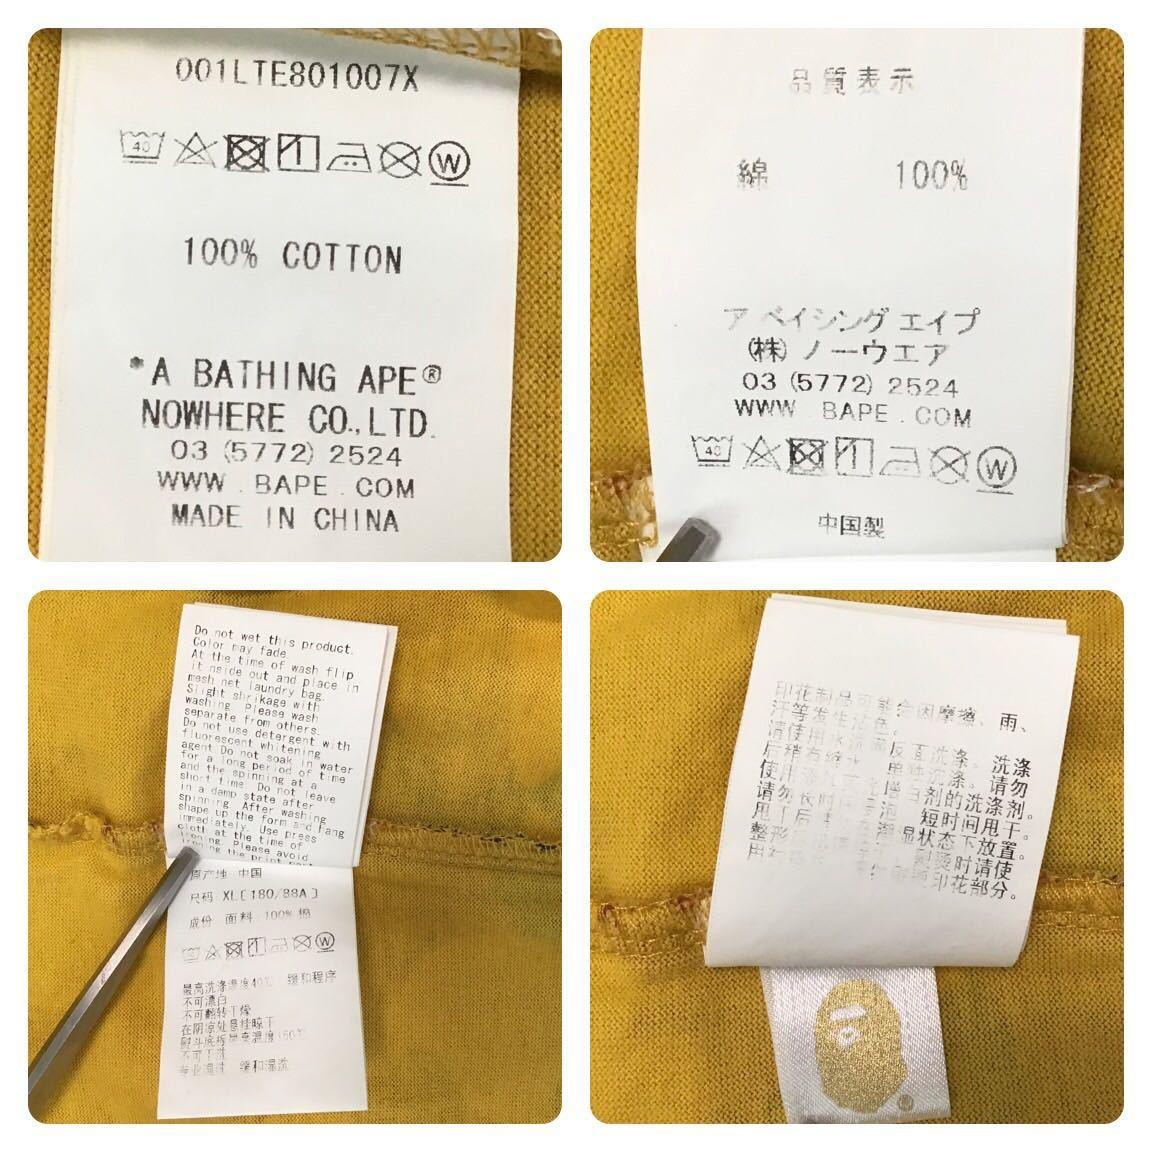 ★XL★ orange camo 長袖 Tシャツ a bathing ape BAPE 1st camo エイプ ベイプ アベイシングエイプ 迷彩 オレンジカモ j65